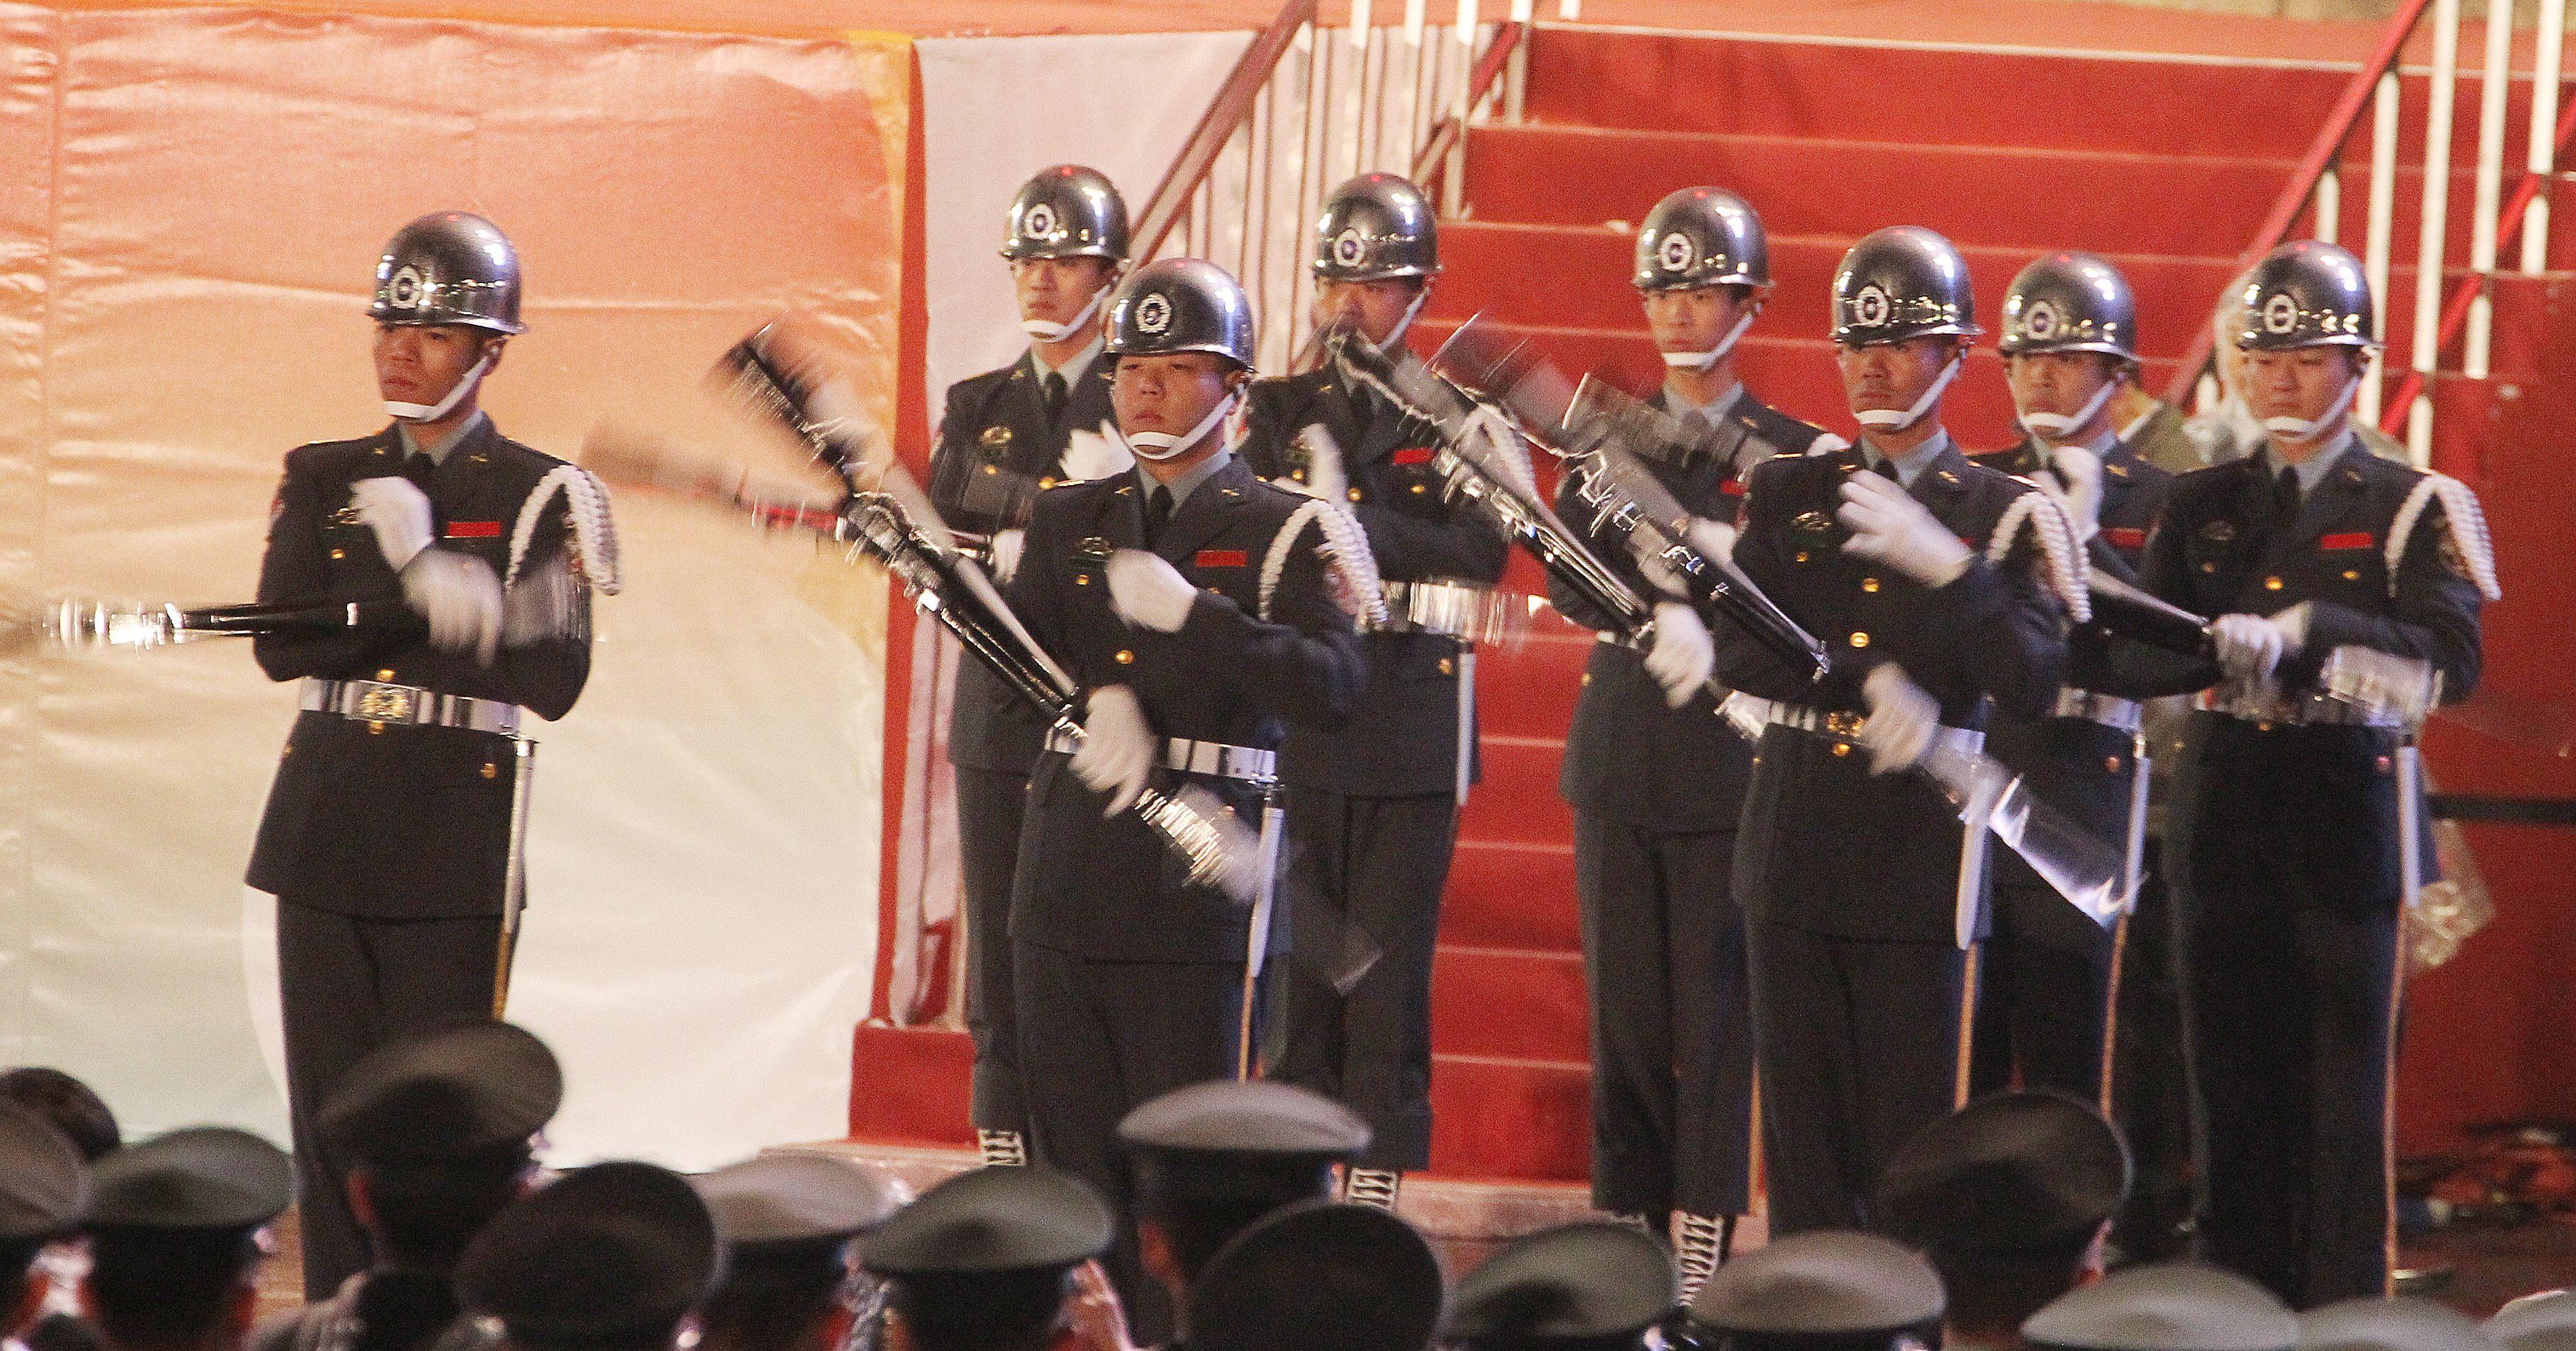 中華民國108年元旦升旗典禮三軍樂儀隊表演操槍。(記者邱榮吉/攝影)